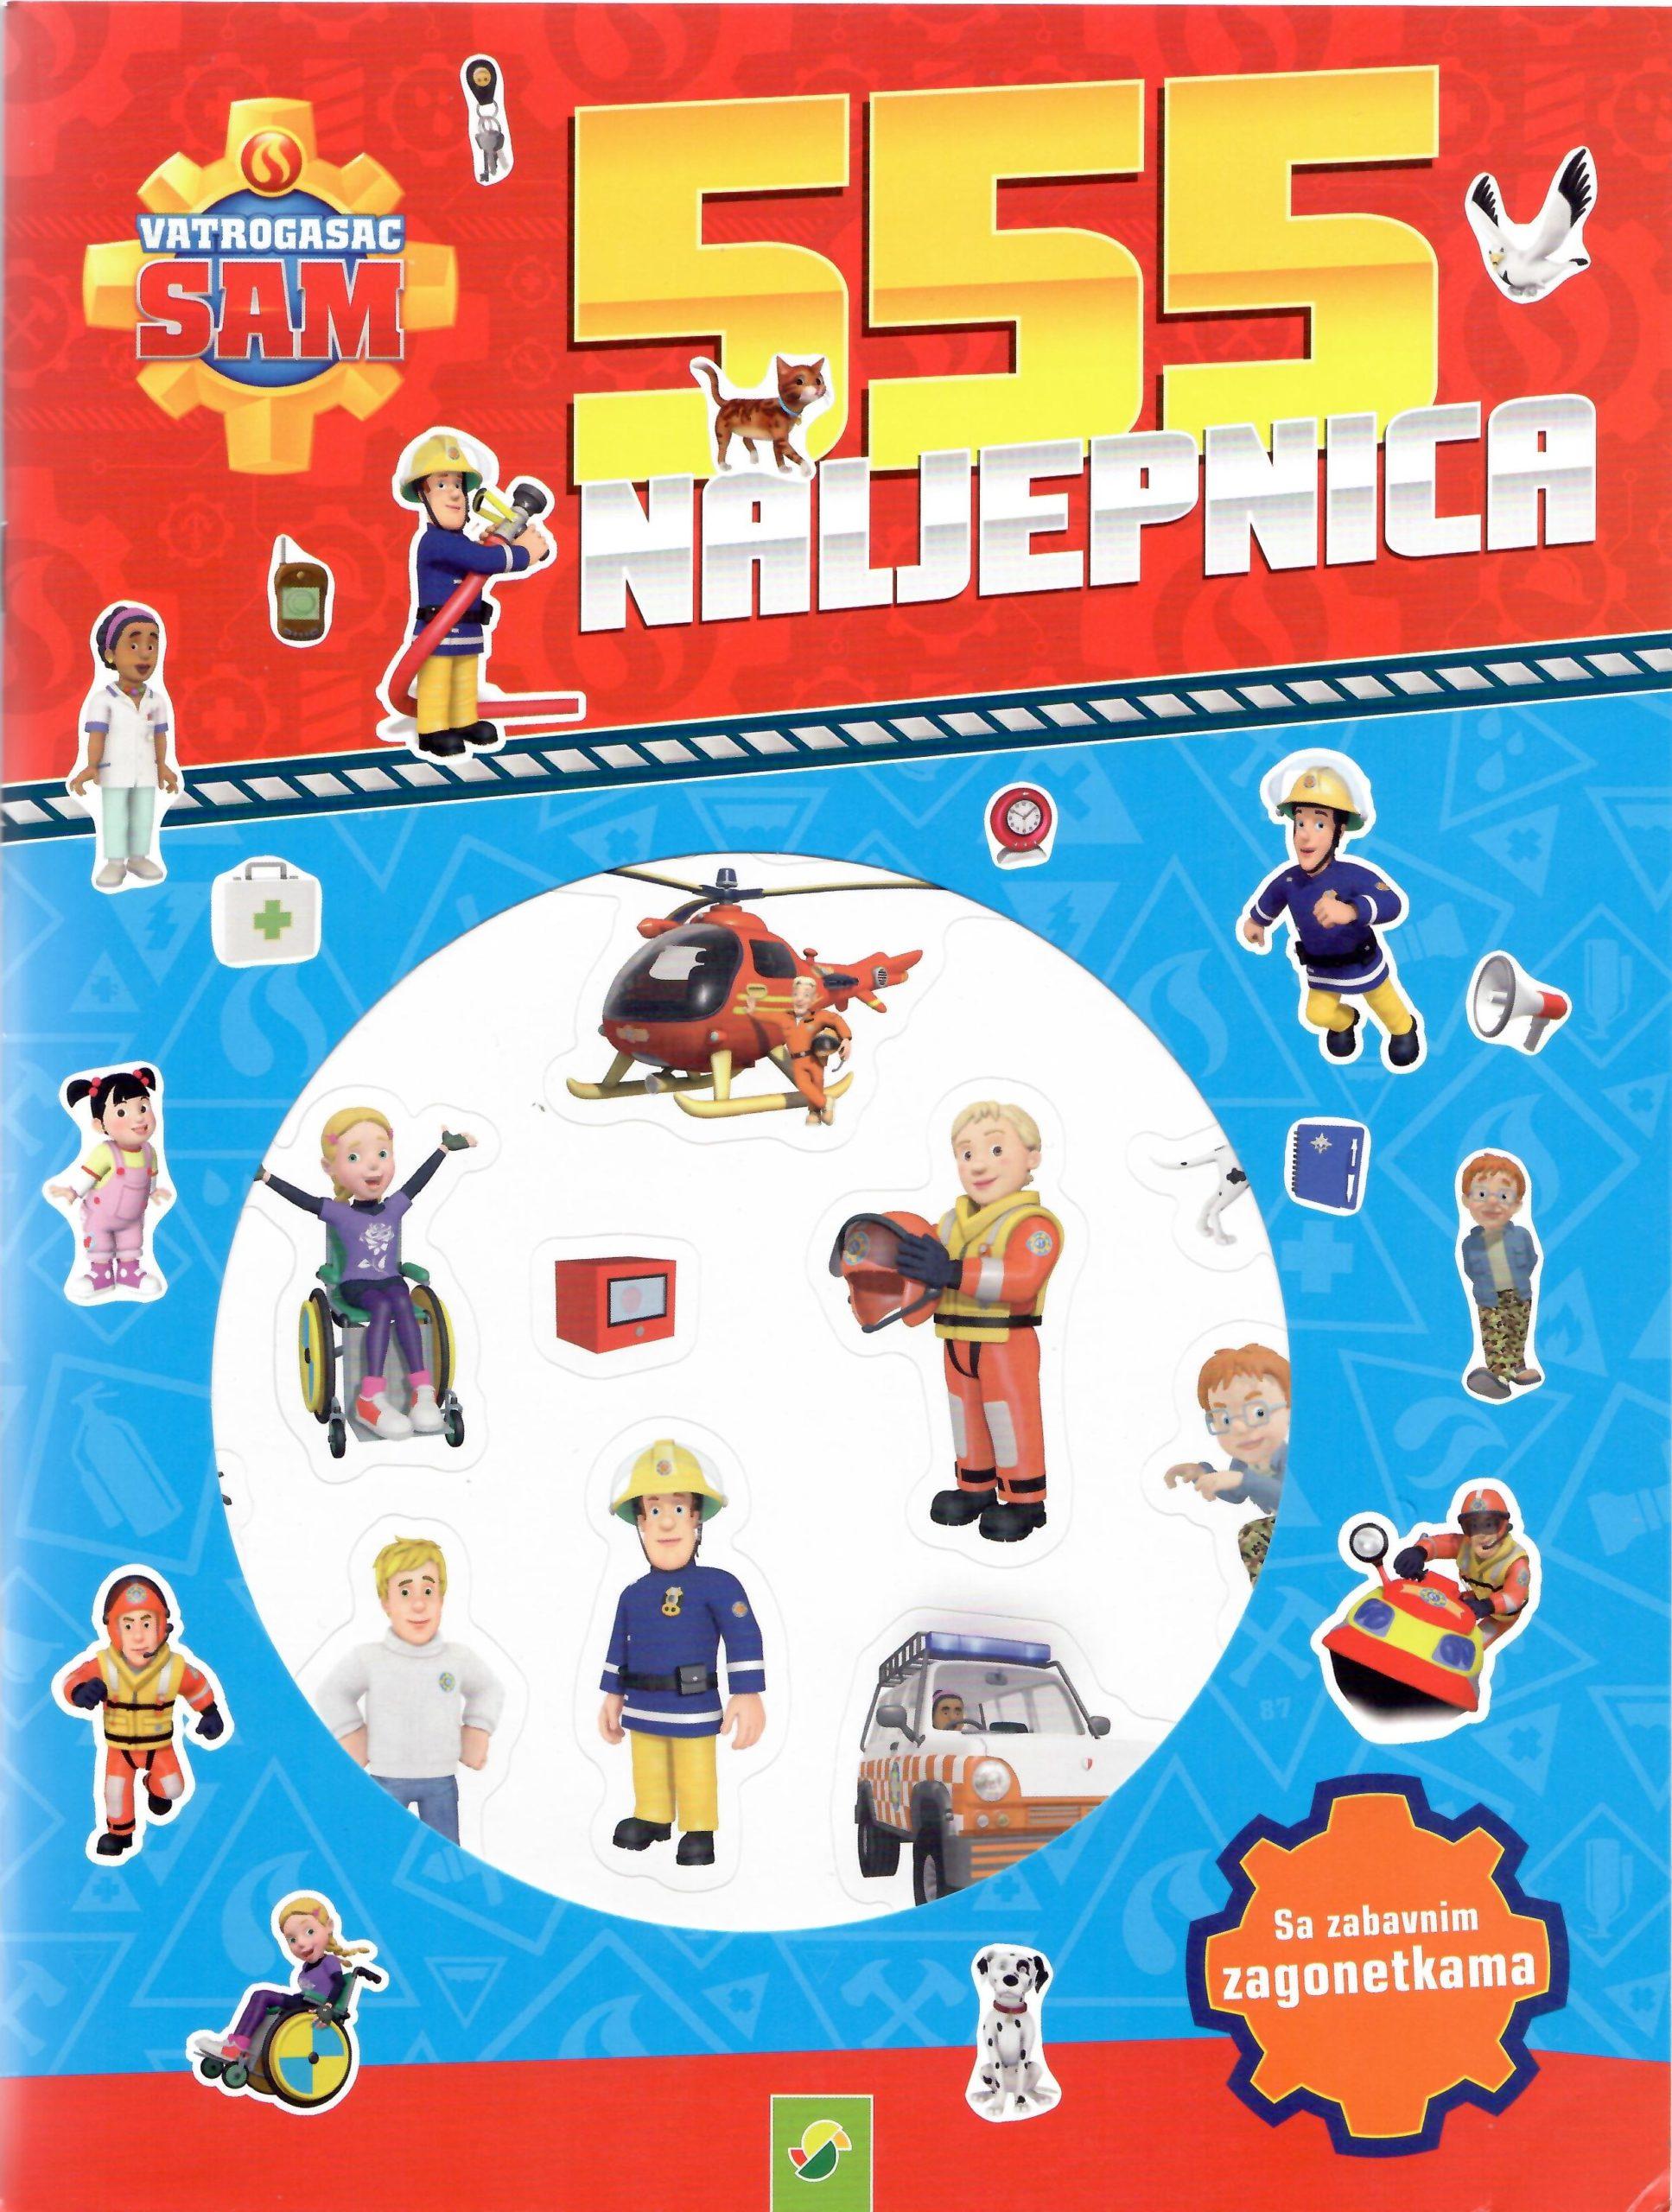 555 naljepnica vatrogasac sam